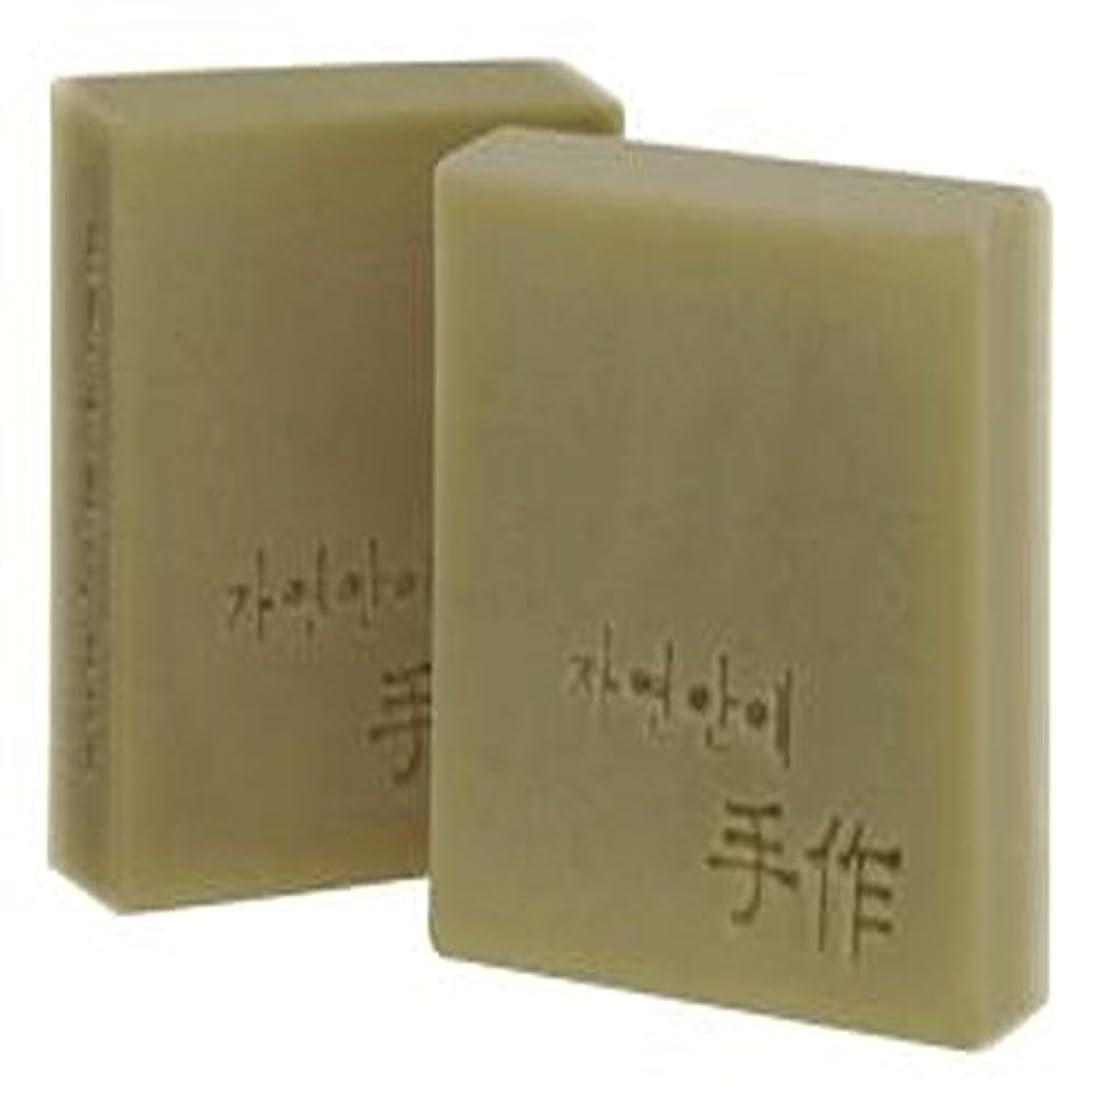 シャークブルジョンシダNatural organic 有機天然ソープ 固形 無添加 洗顔せっけんクレンジング 石鹸 [並行輸入品] (アプリコット)